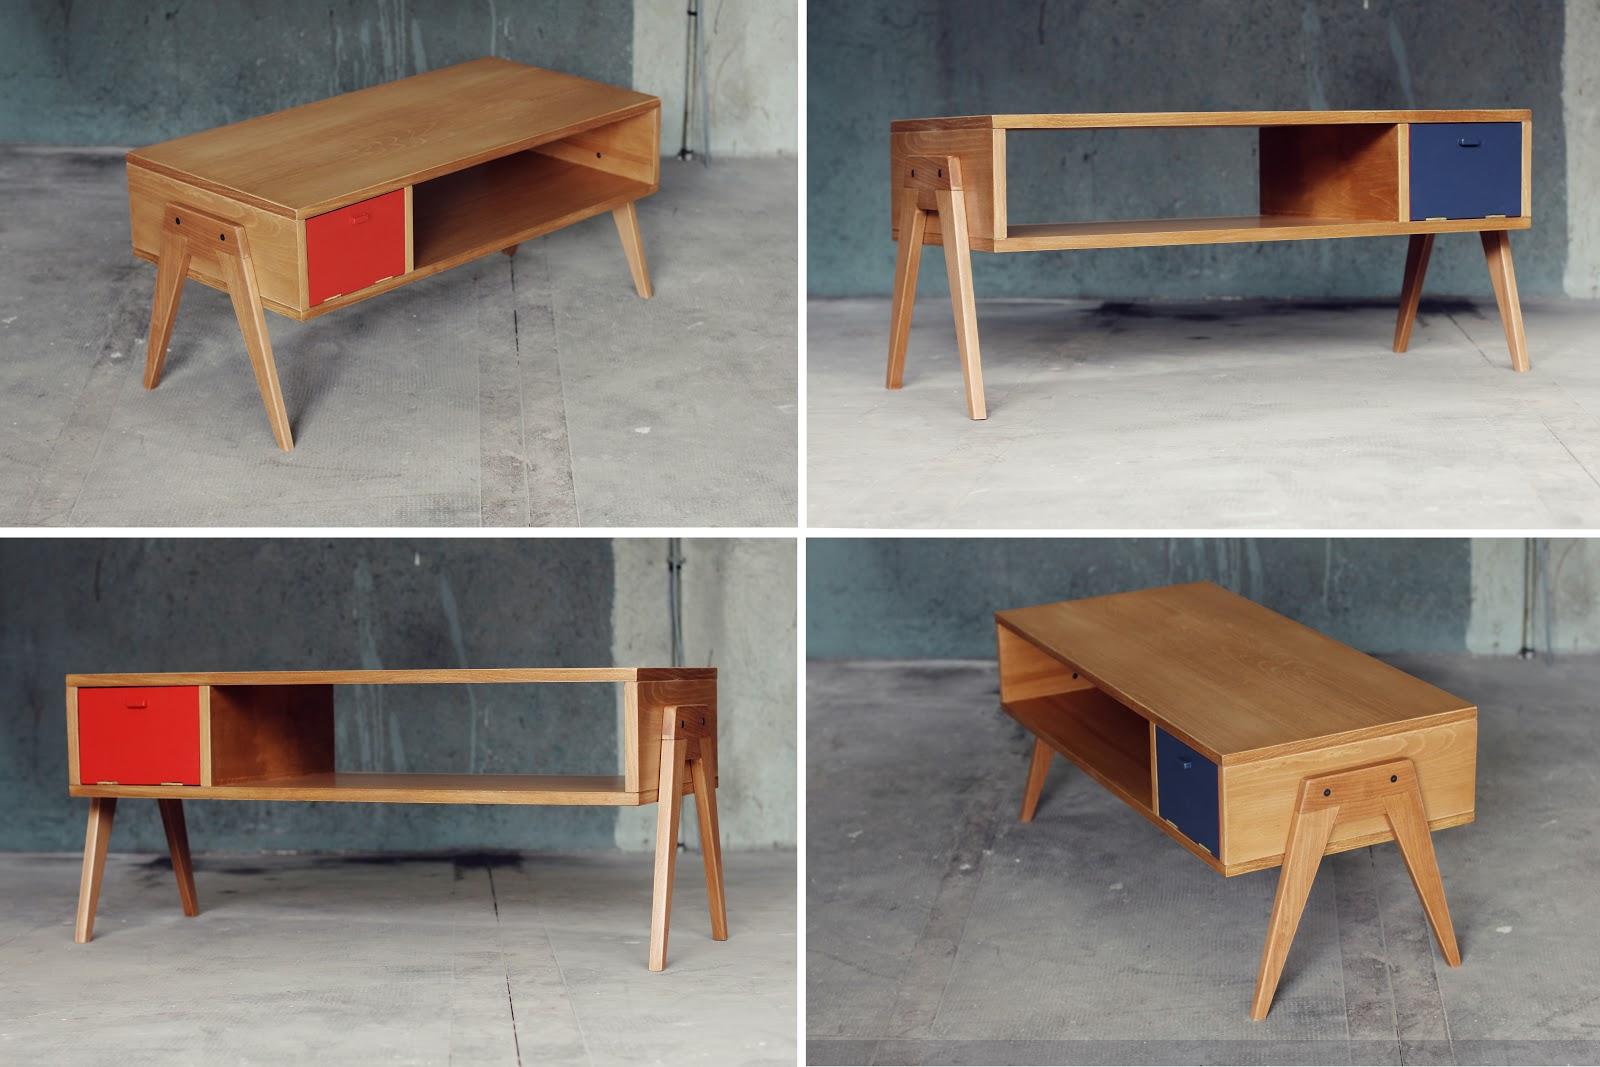 De derri re les fagots la table basse ou le meuble t l - Meuble suedois design ...